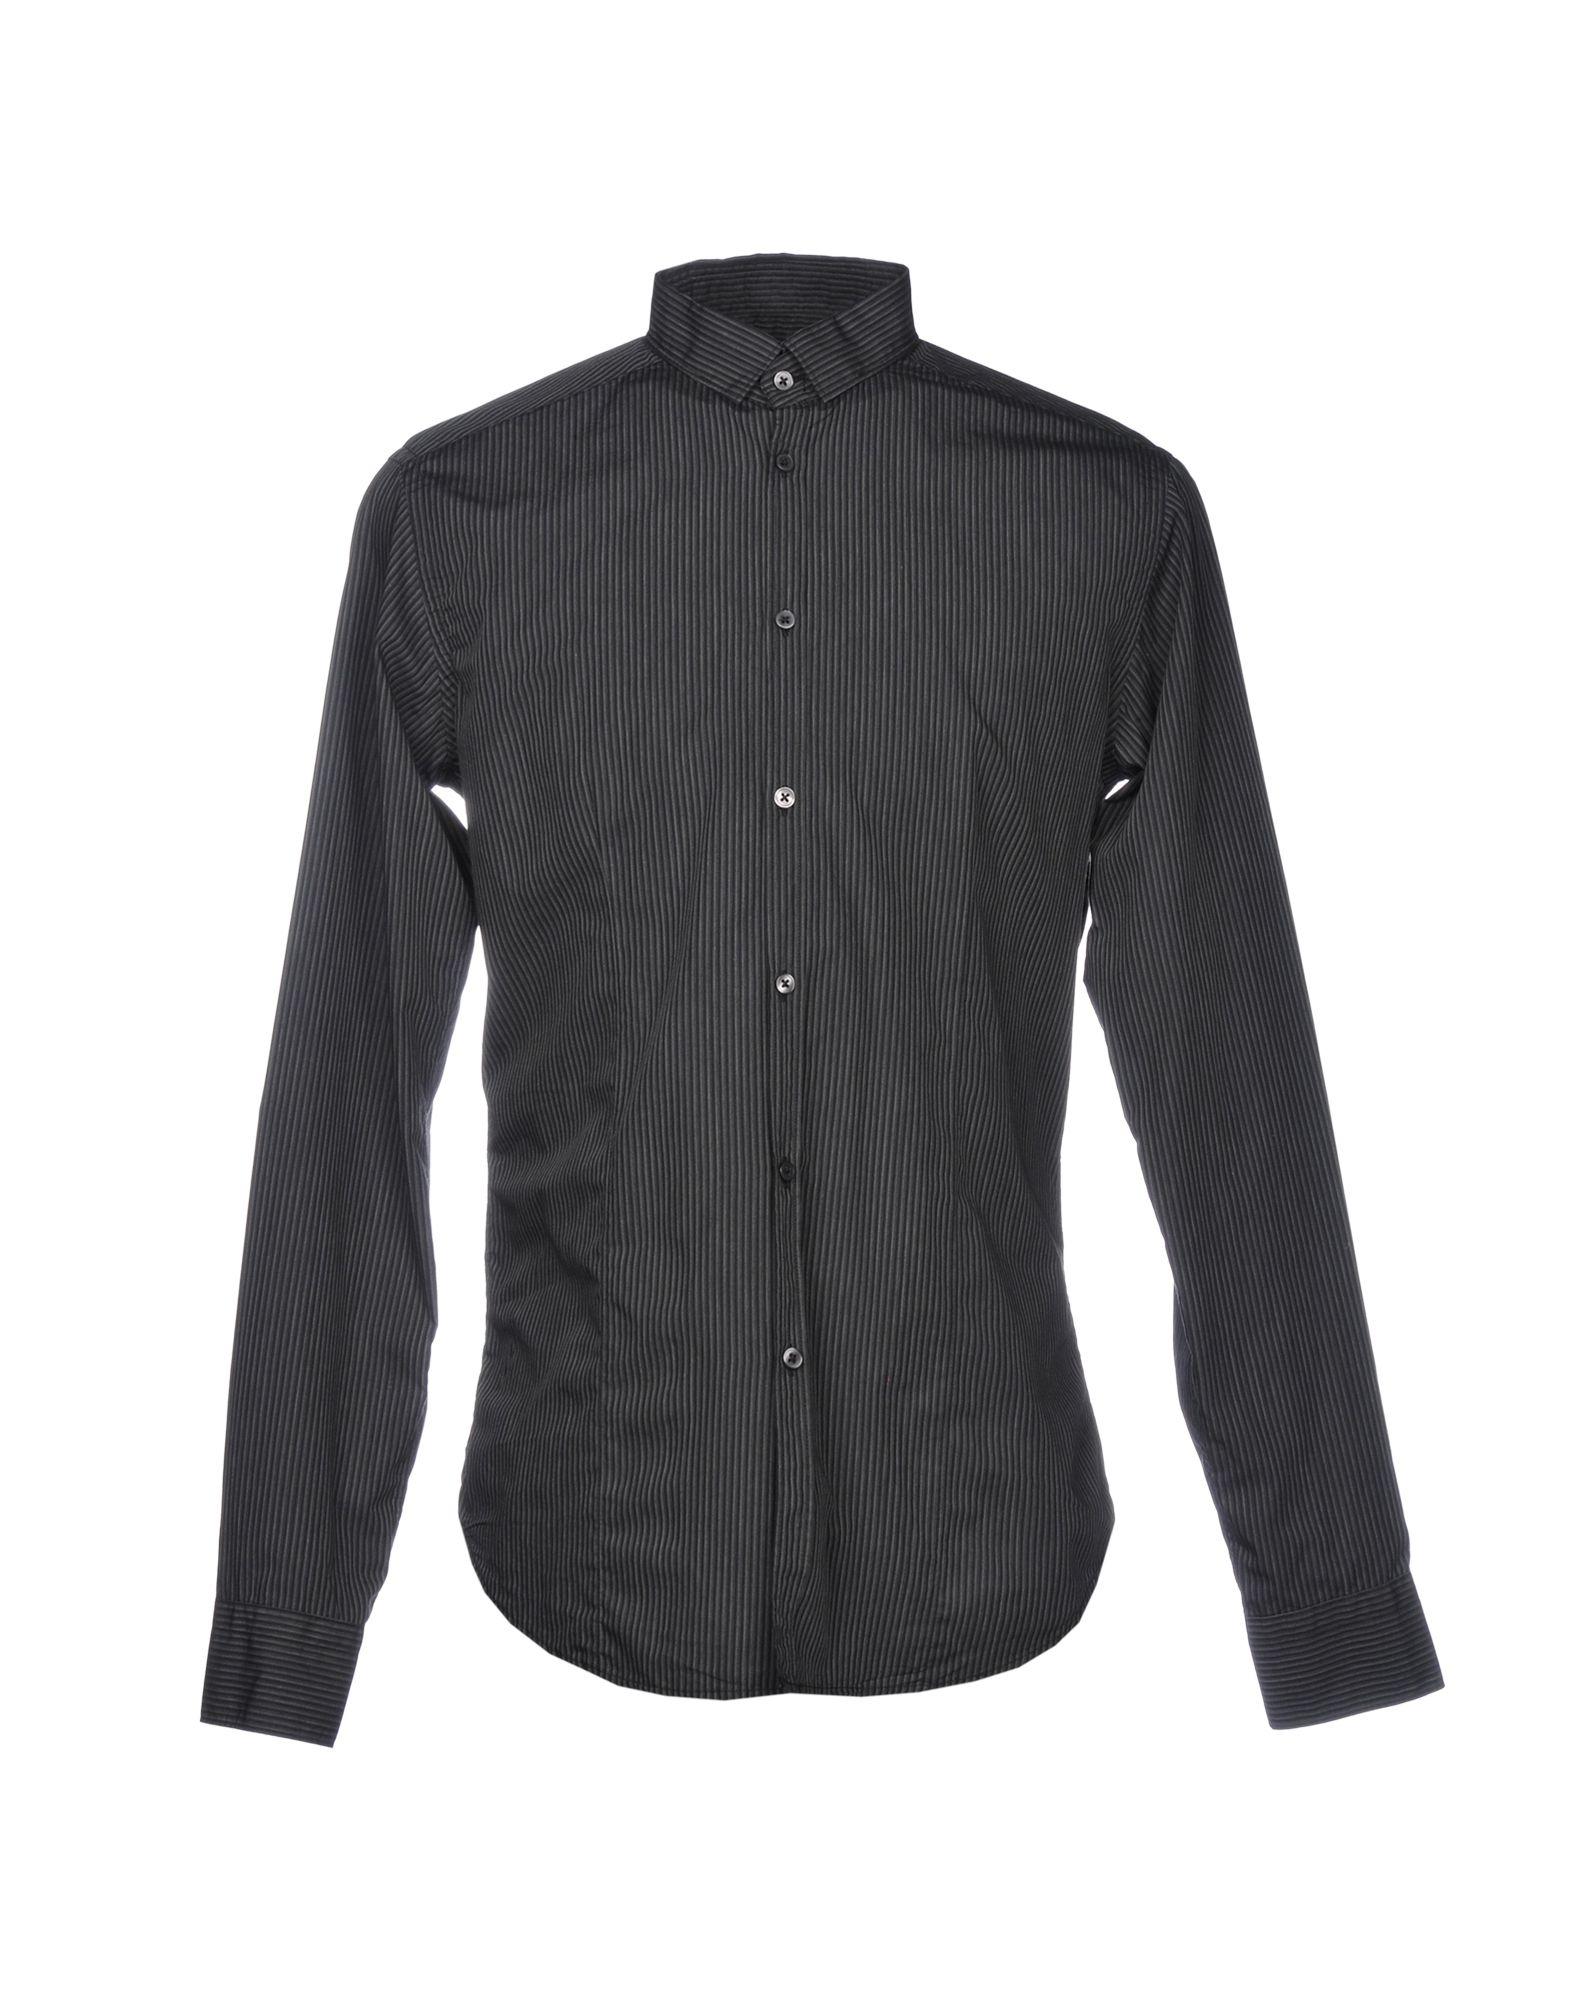 《送料無料》LIBERTY ROSE メンズ シャツ スチールグレー 41 コットン 100%